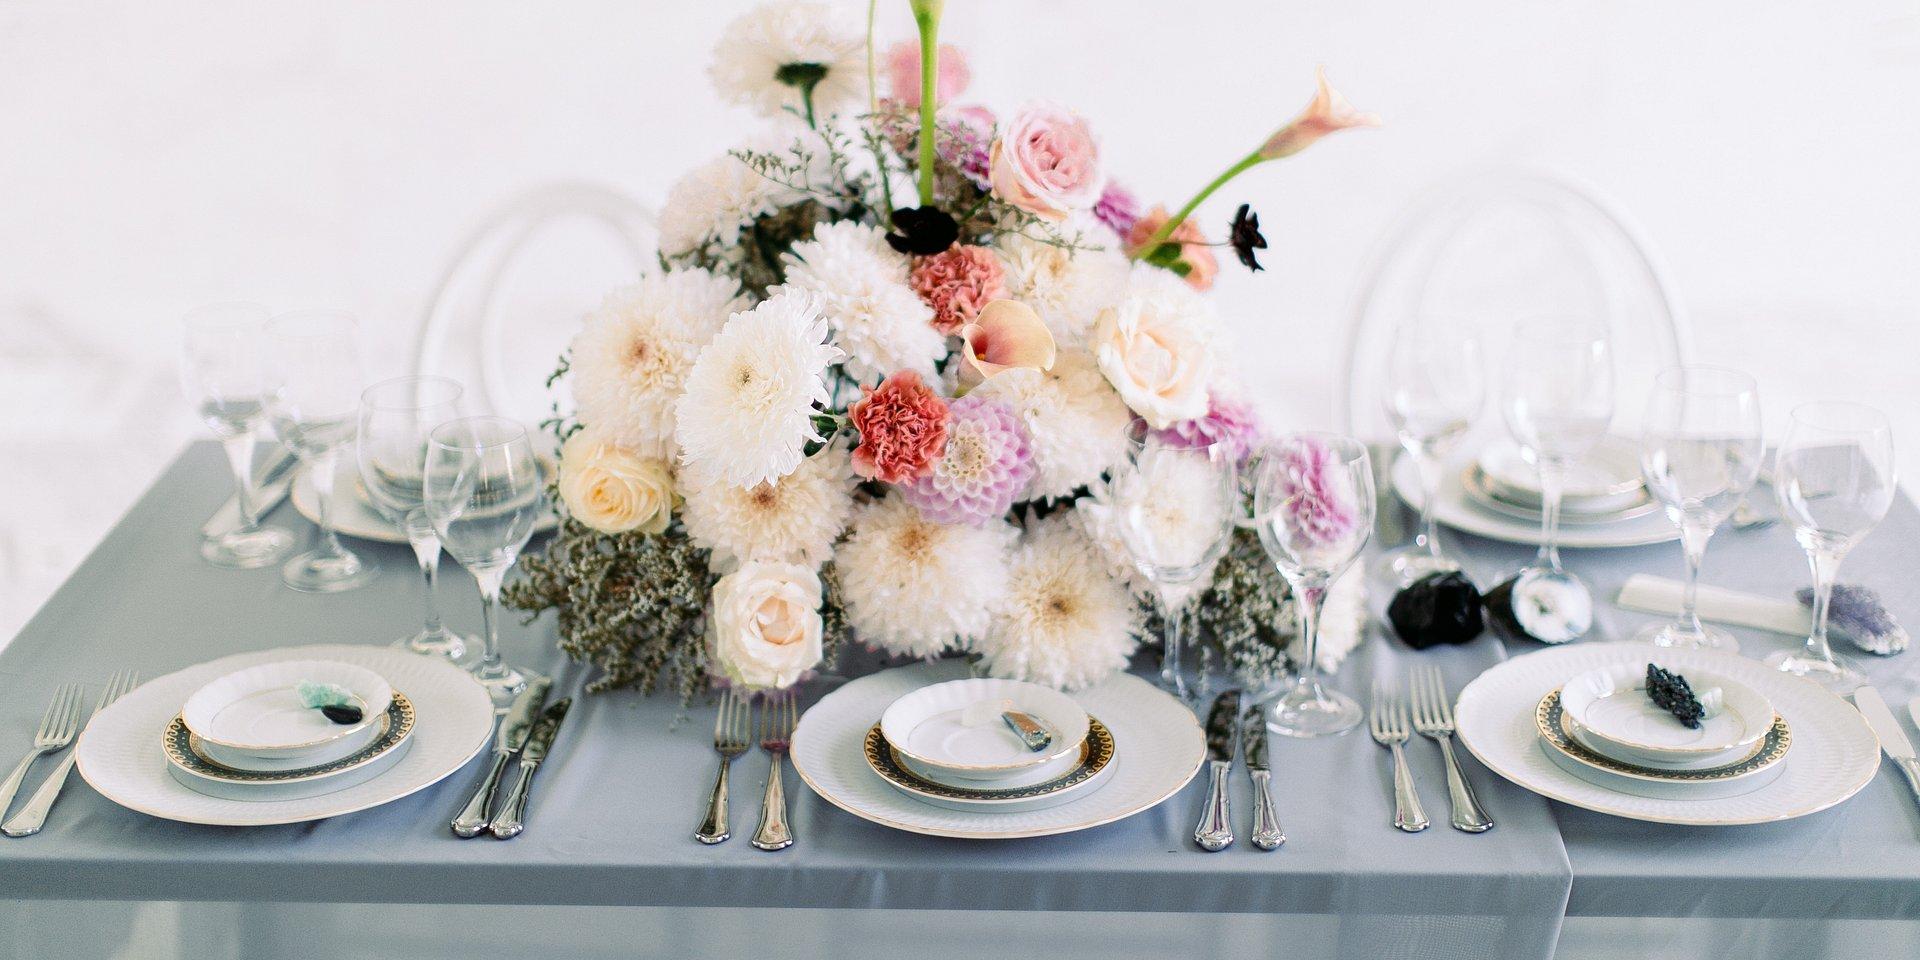 Weselny stół w stylu glamour